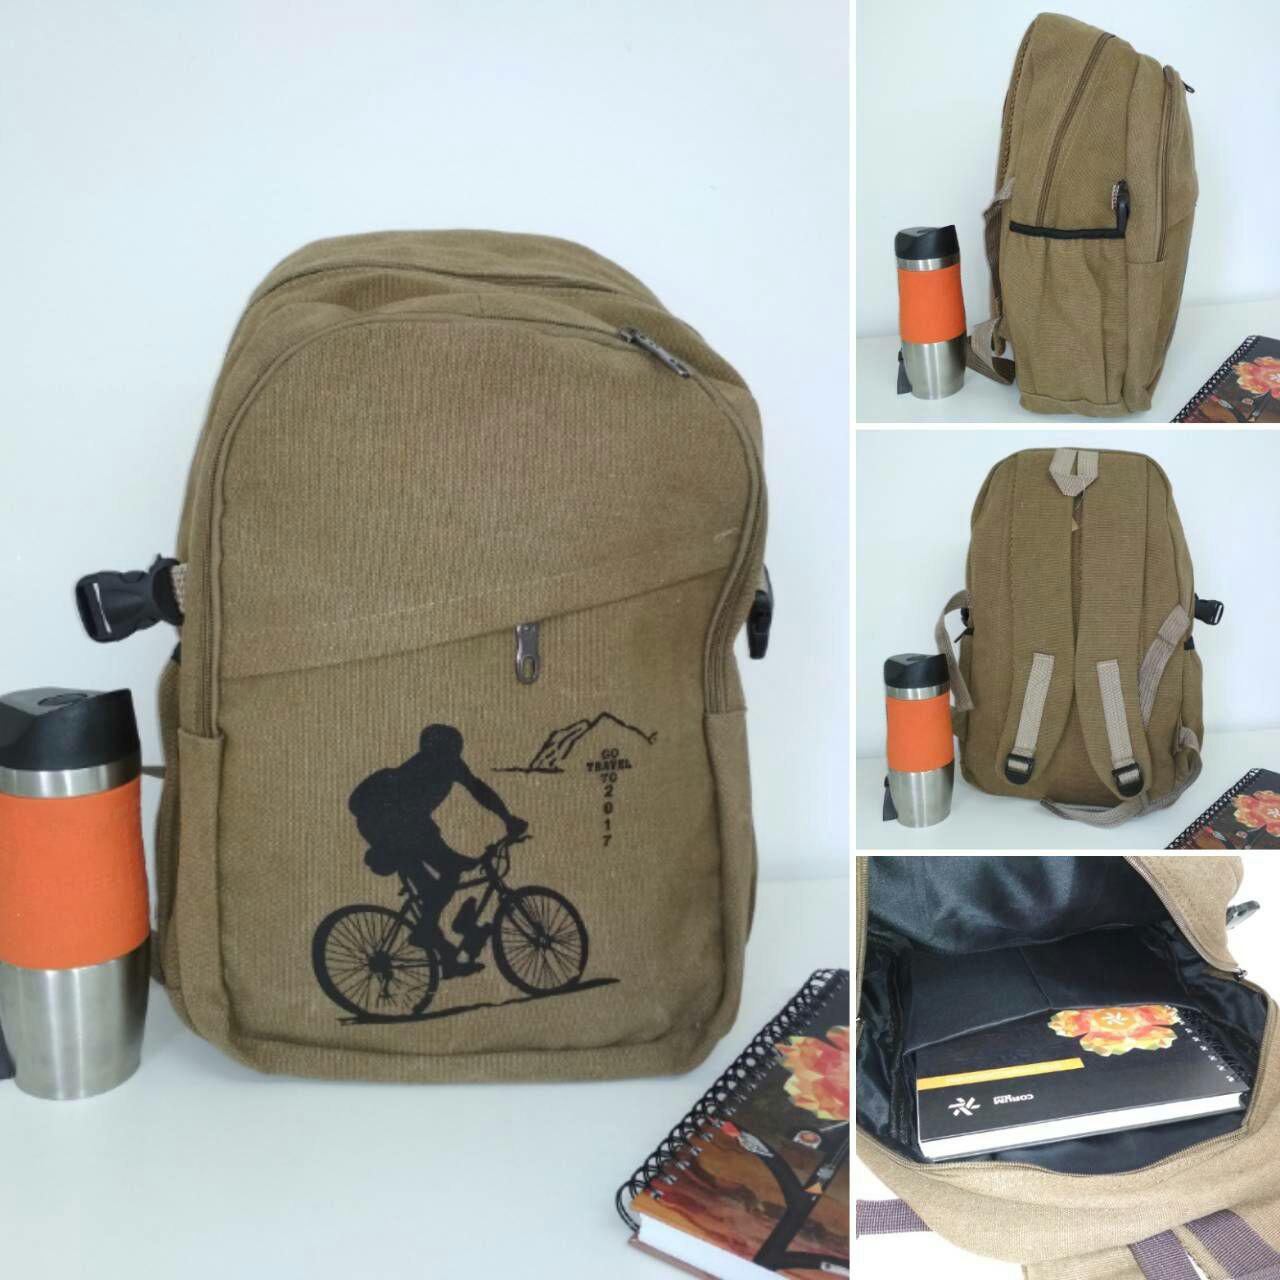 Школьный текстильный рюкзак с рисунком велосипедиста 45*29*16 см